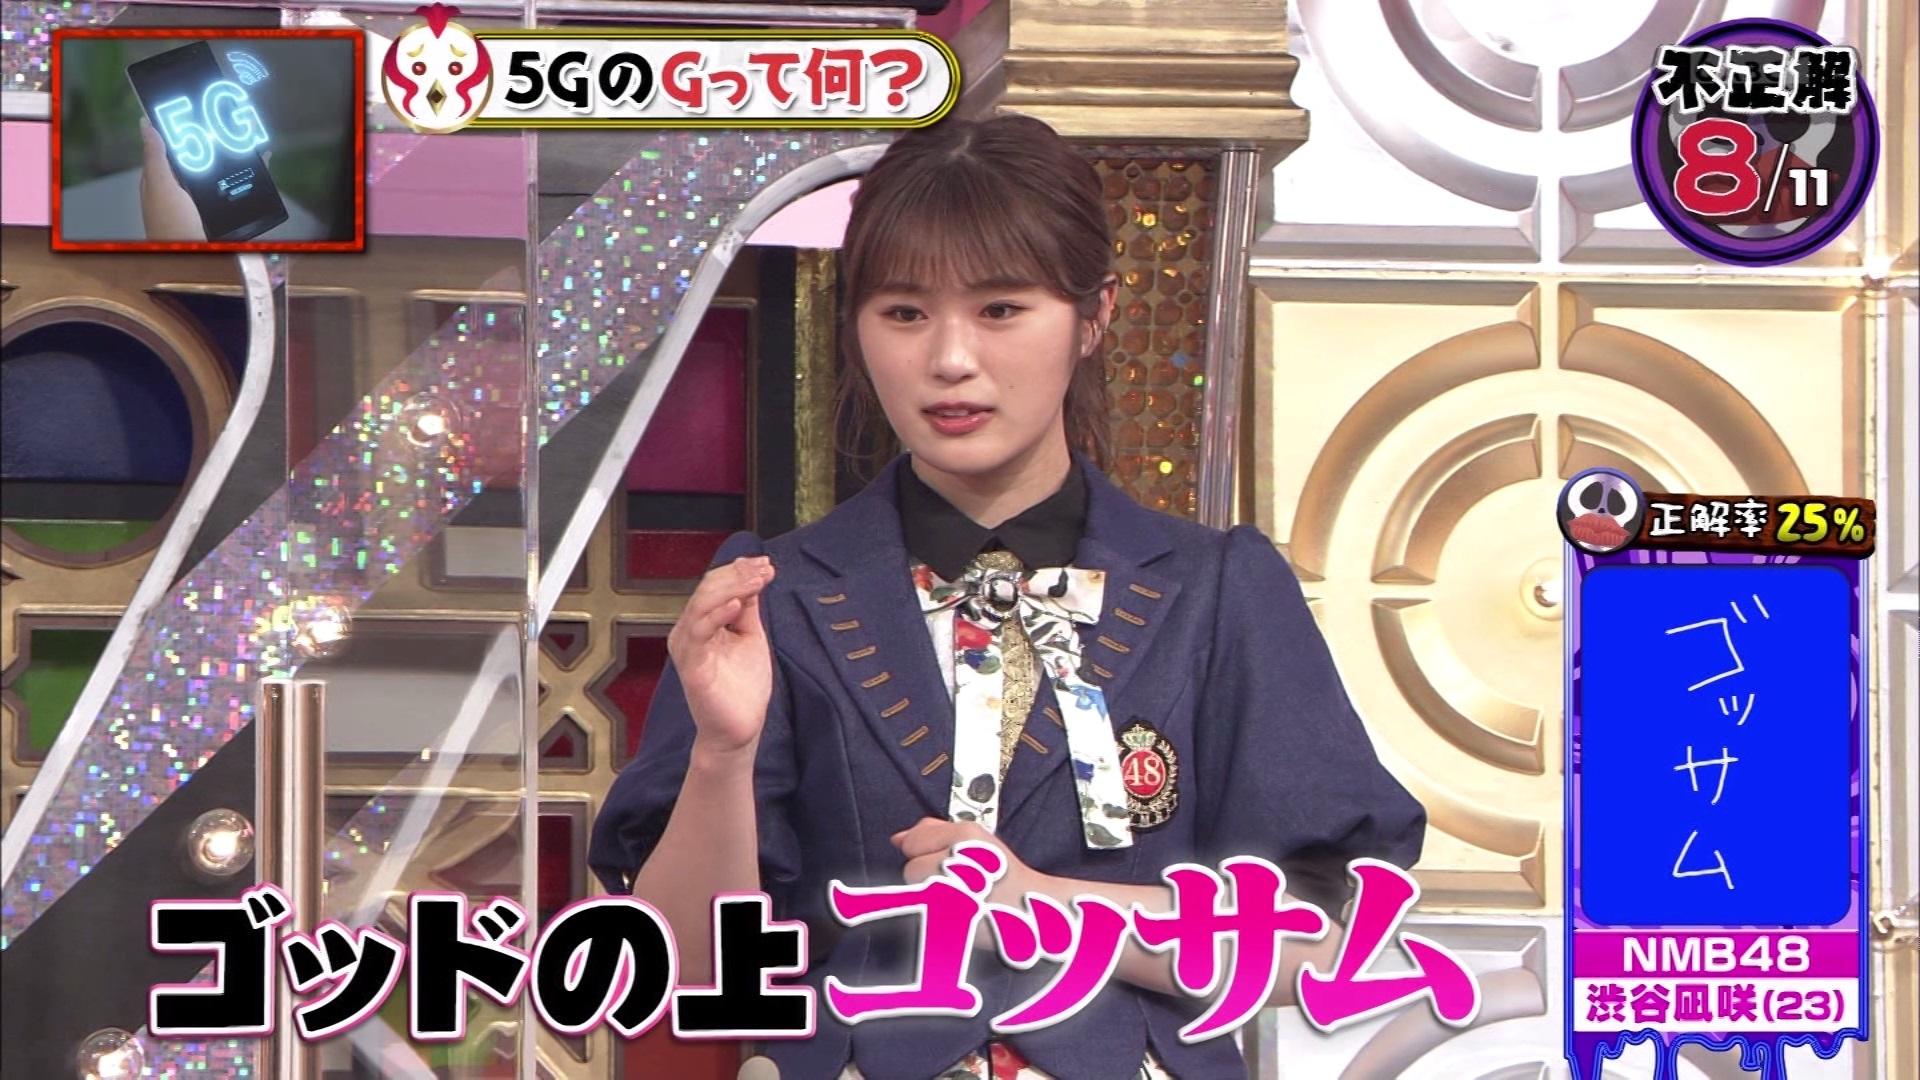 【渋谷凪咲】なぎさ出演6月9日放送「トリニクって何の肉!?」♯34の実況と画像など